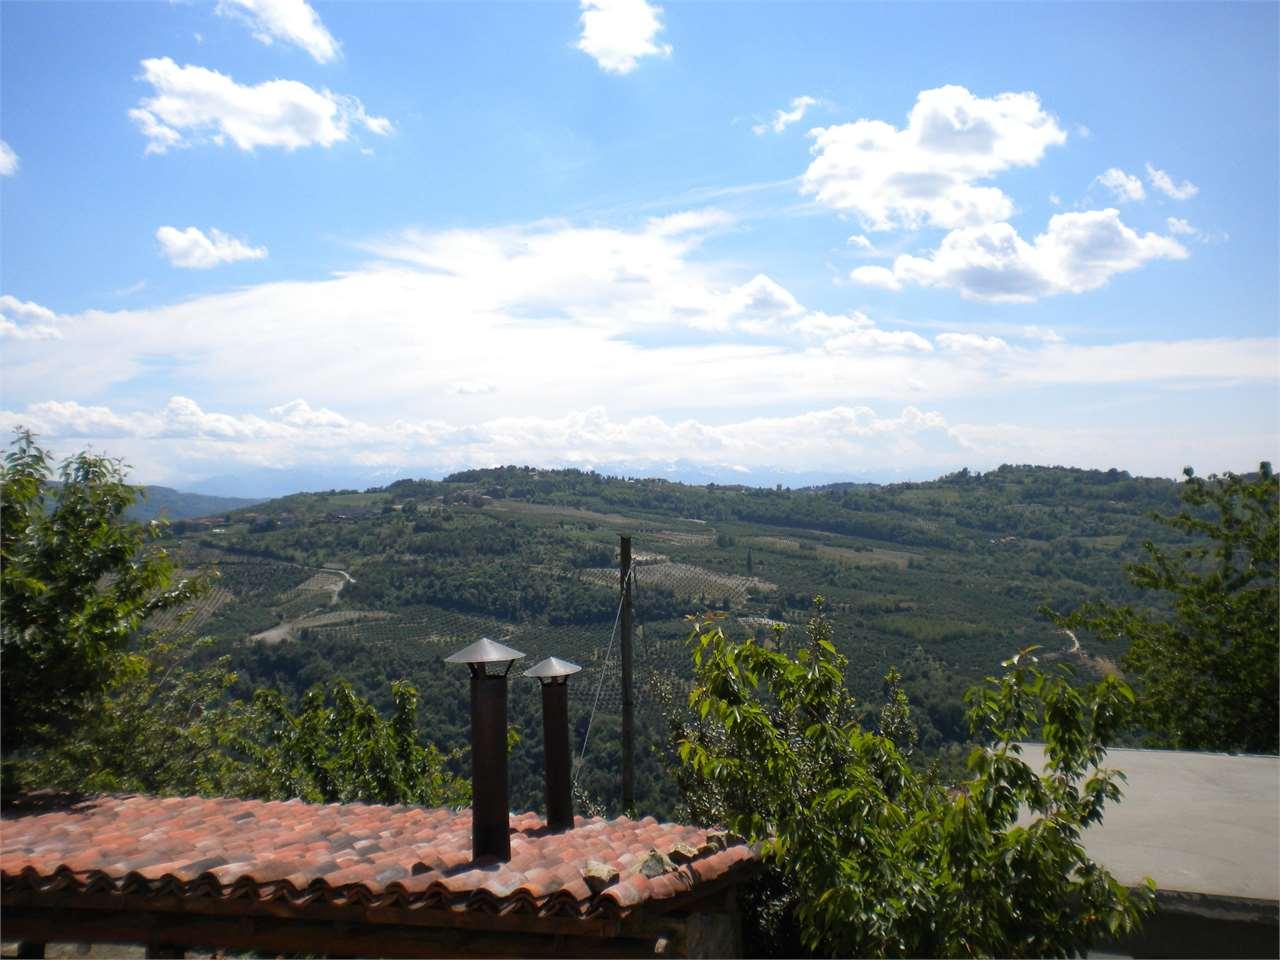 Rustico / Casale in vendita a Arguello, 18 locali, prezzo € 800.000 | CambioCasa.it